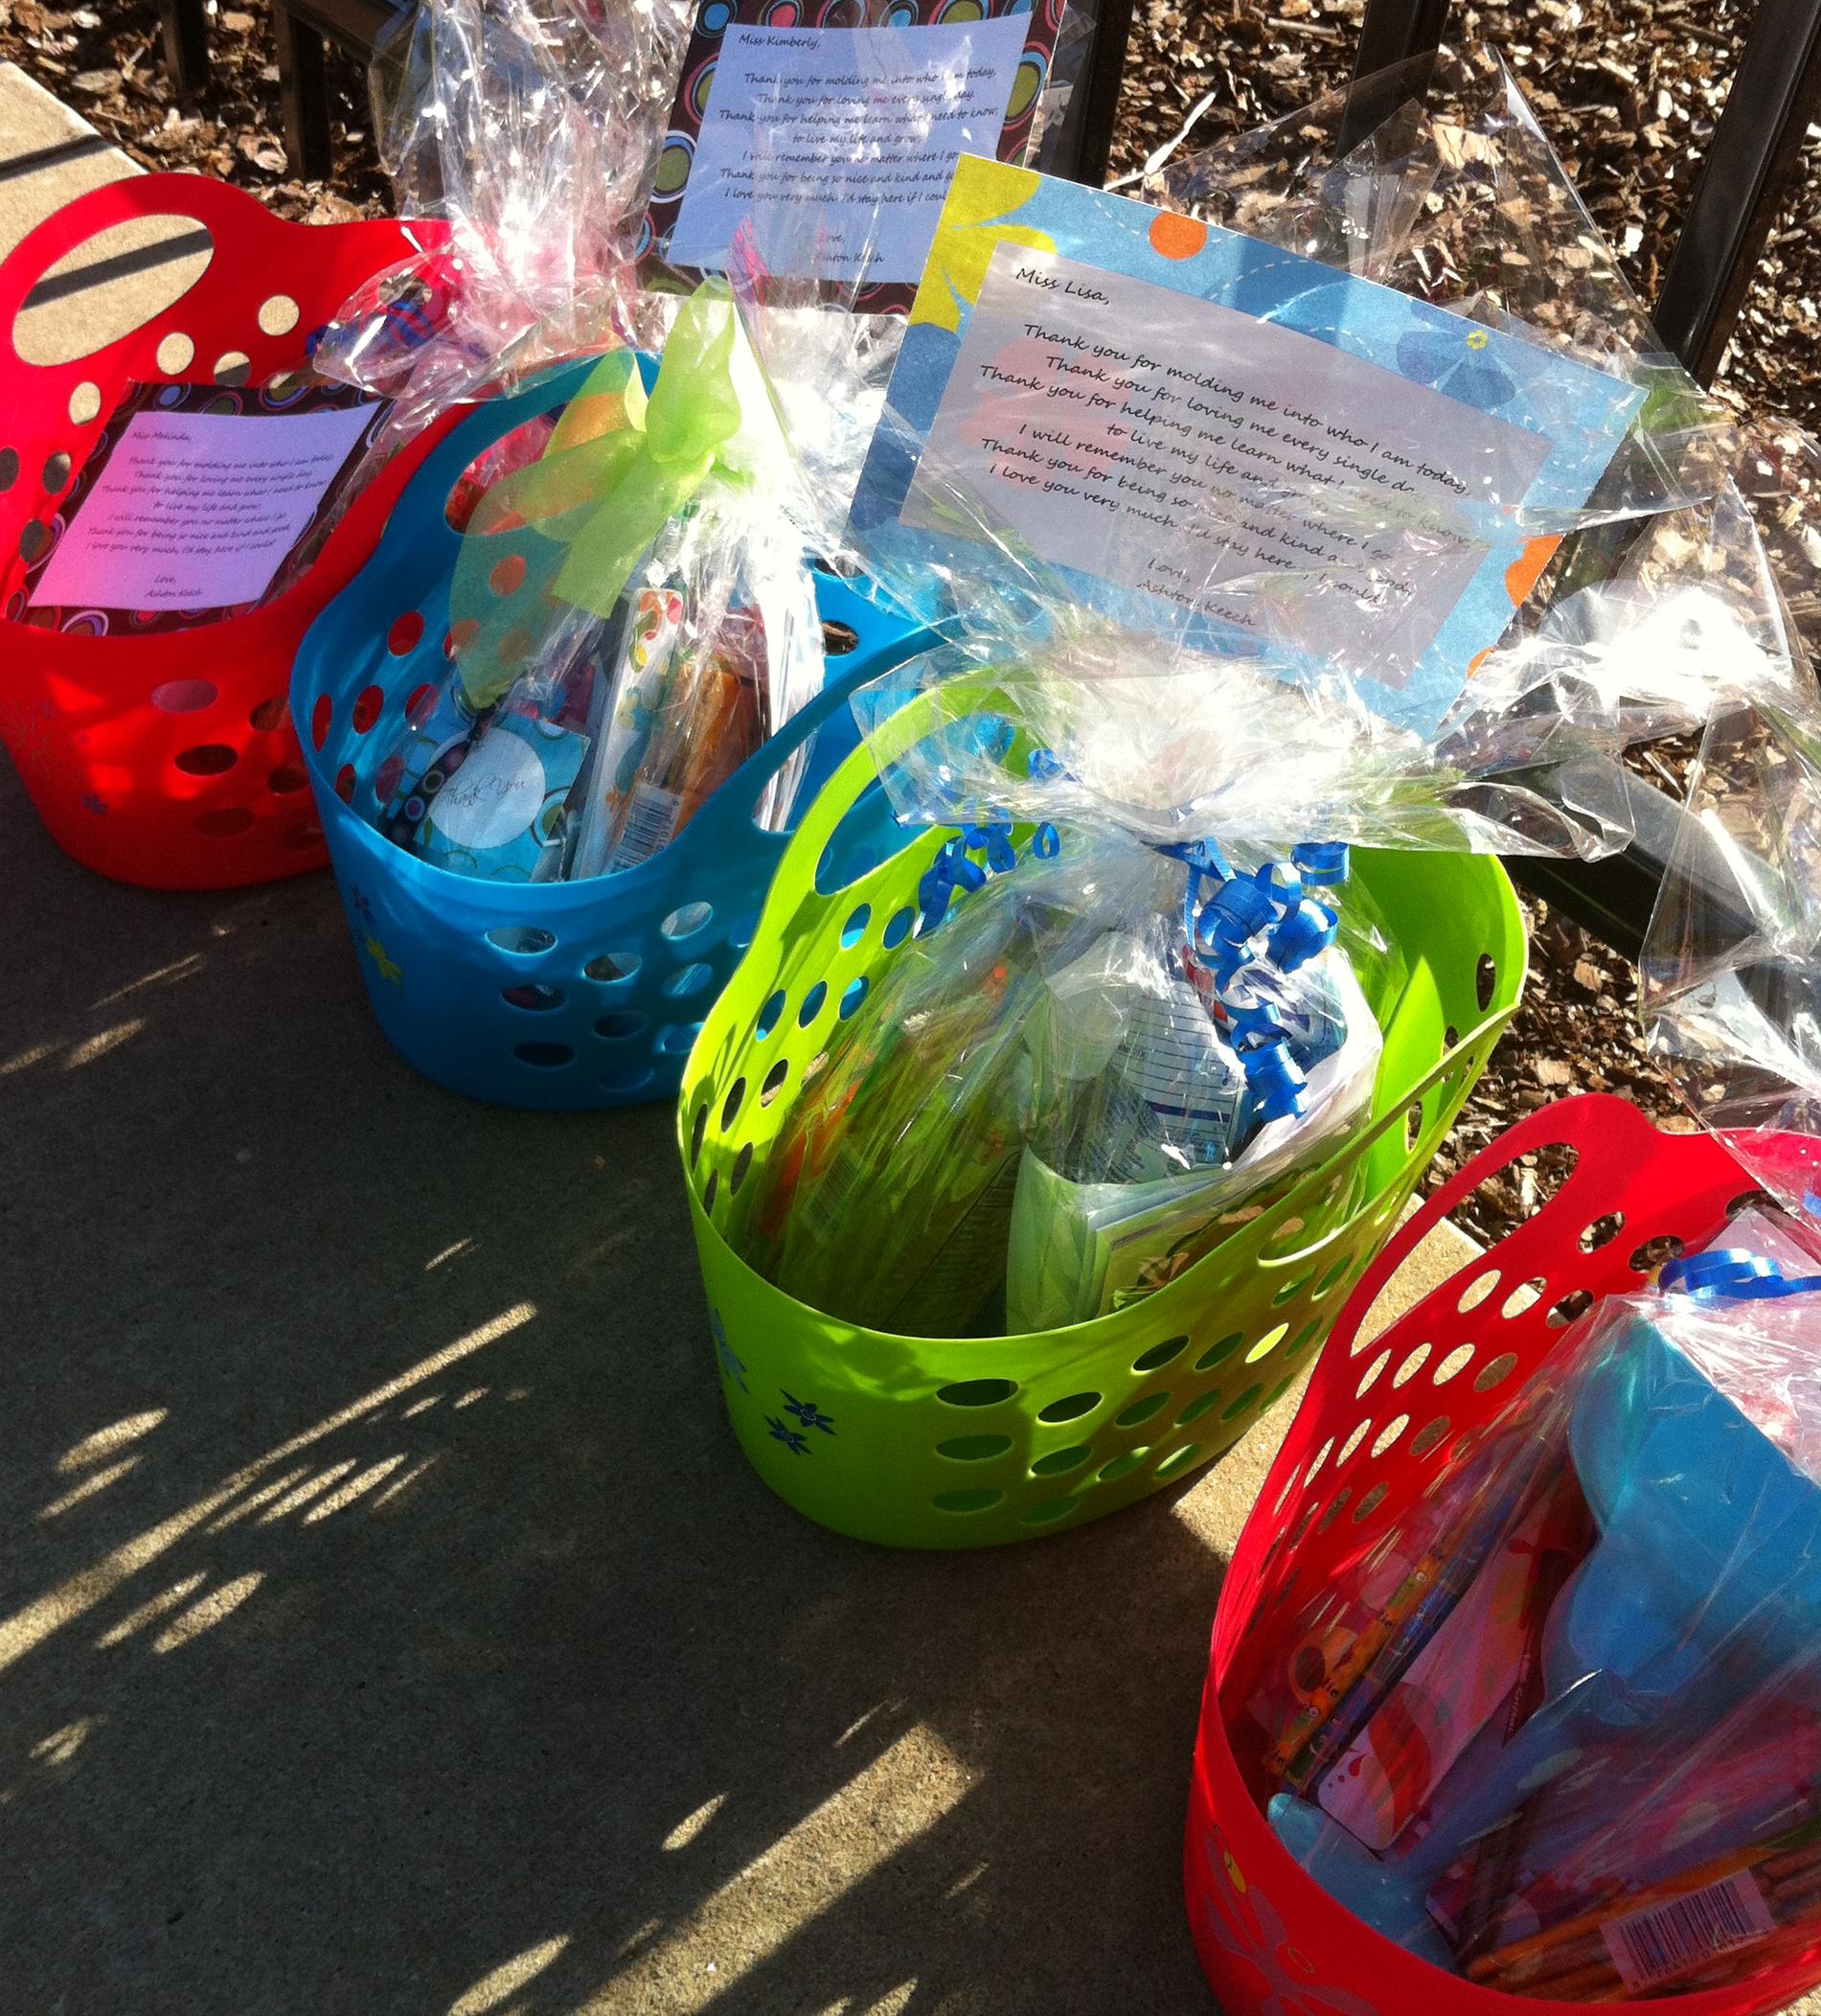 sarahs gift basket 2.JPG